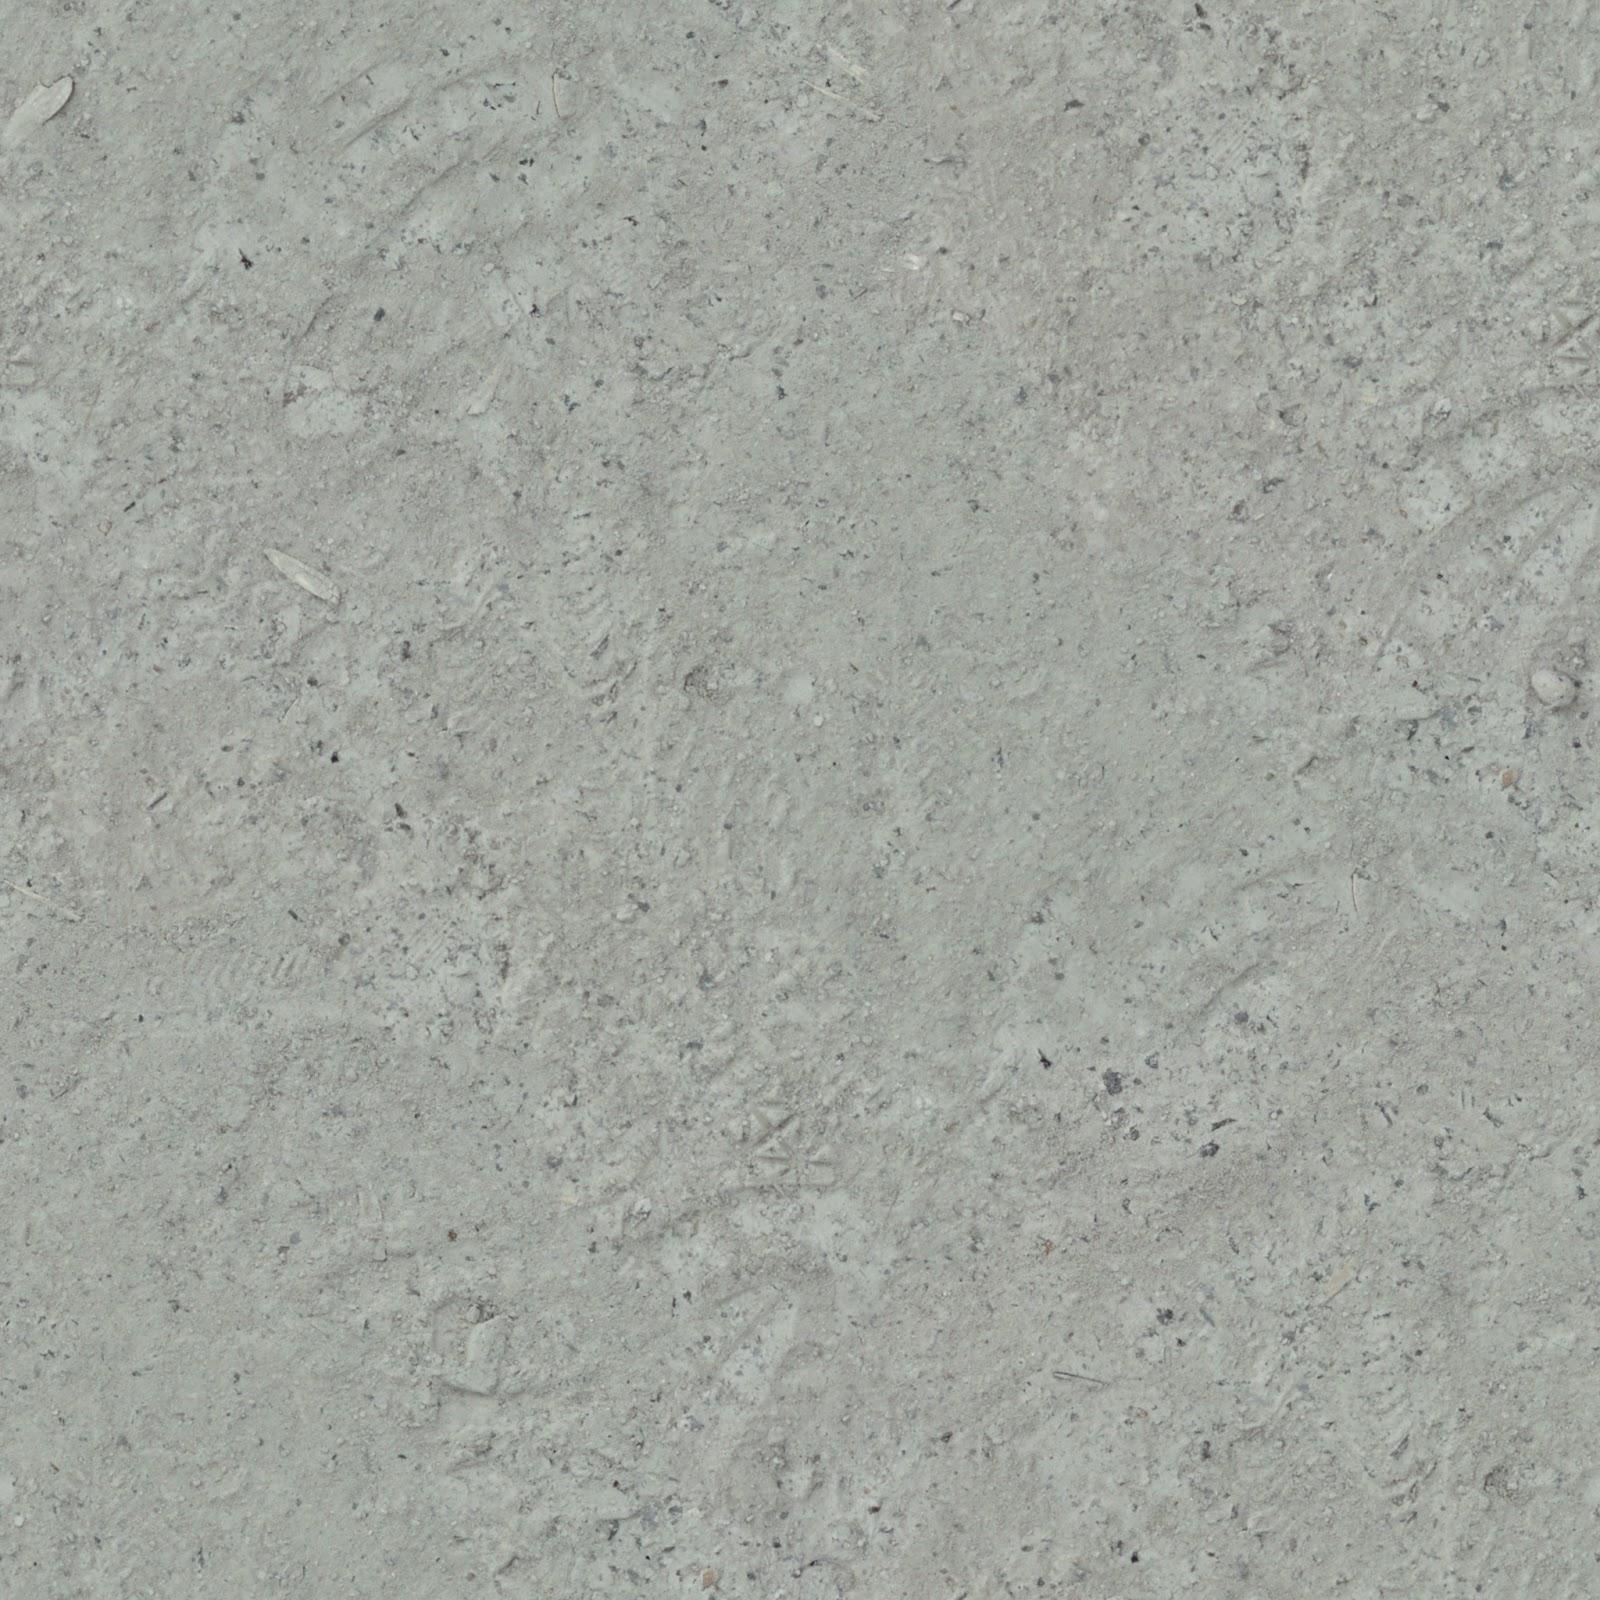 (CONCRETE 18) dusty floor granite seamless texture 2048x2048